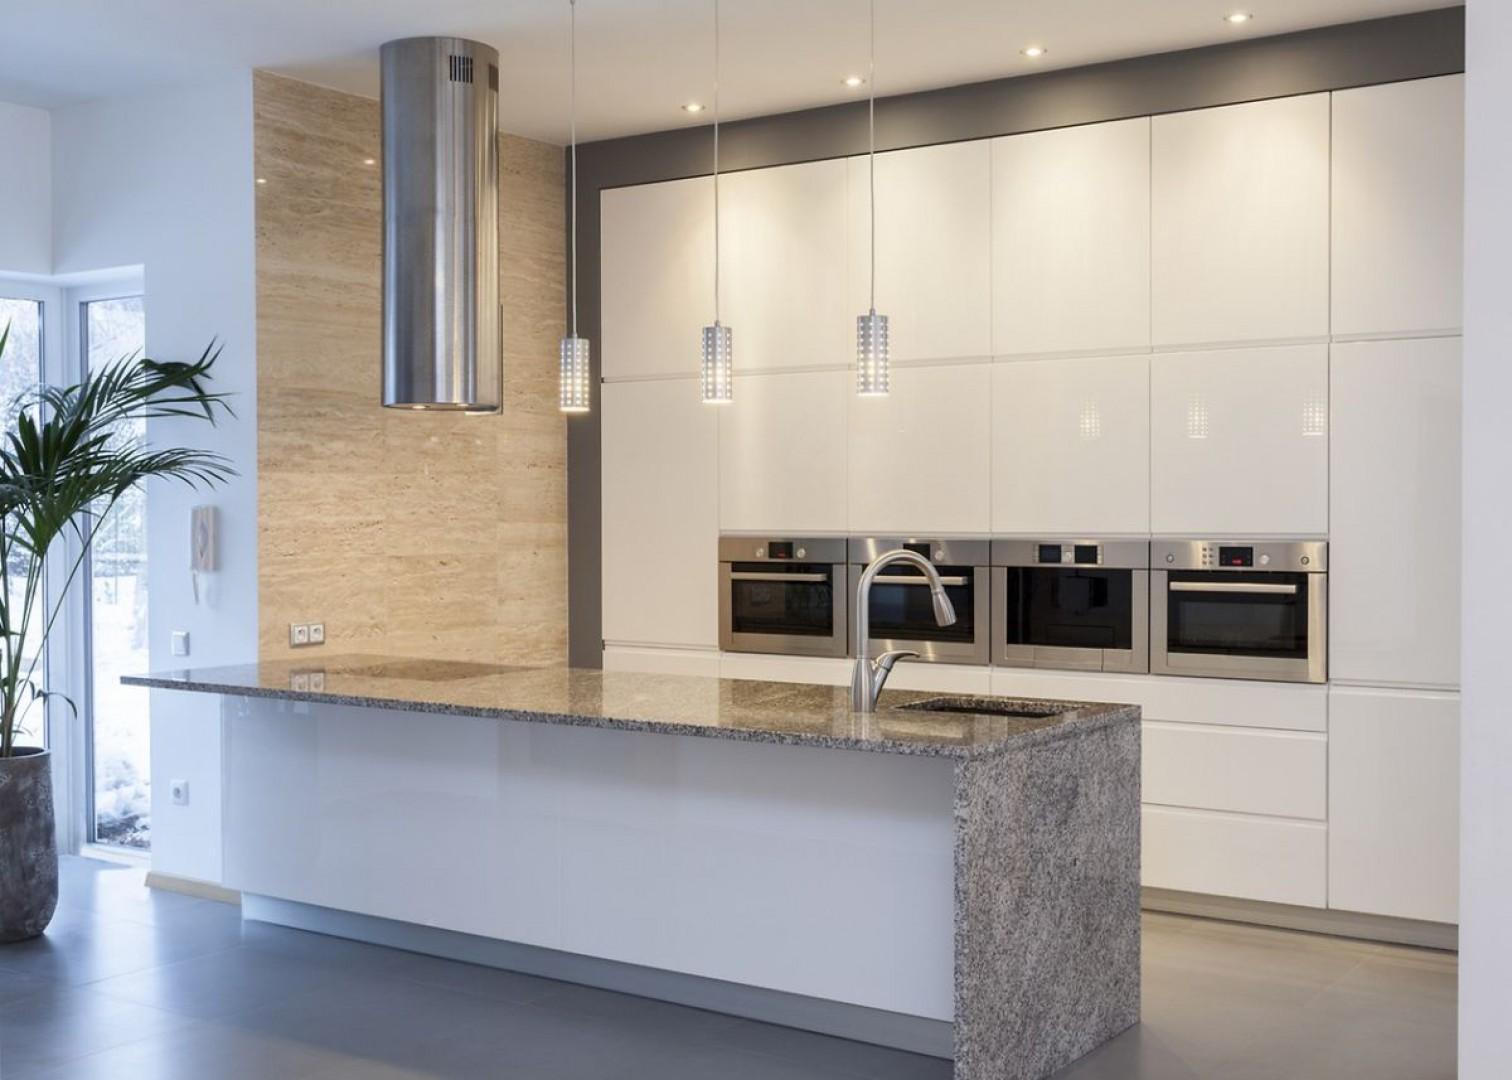 W kuchni najlepiej sprawdzają się kolory uniwersalne, które estetycznie podkreślają aranżację całego wnętrza, a jednocześnie wyróżniają meble na tle pozostałych sprzętów. Fot. Rehau